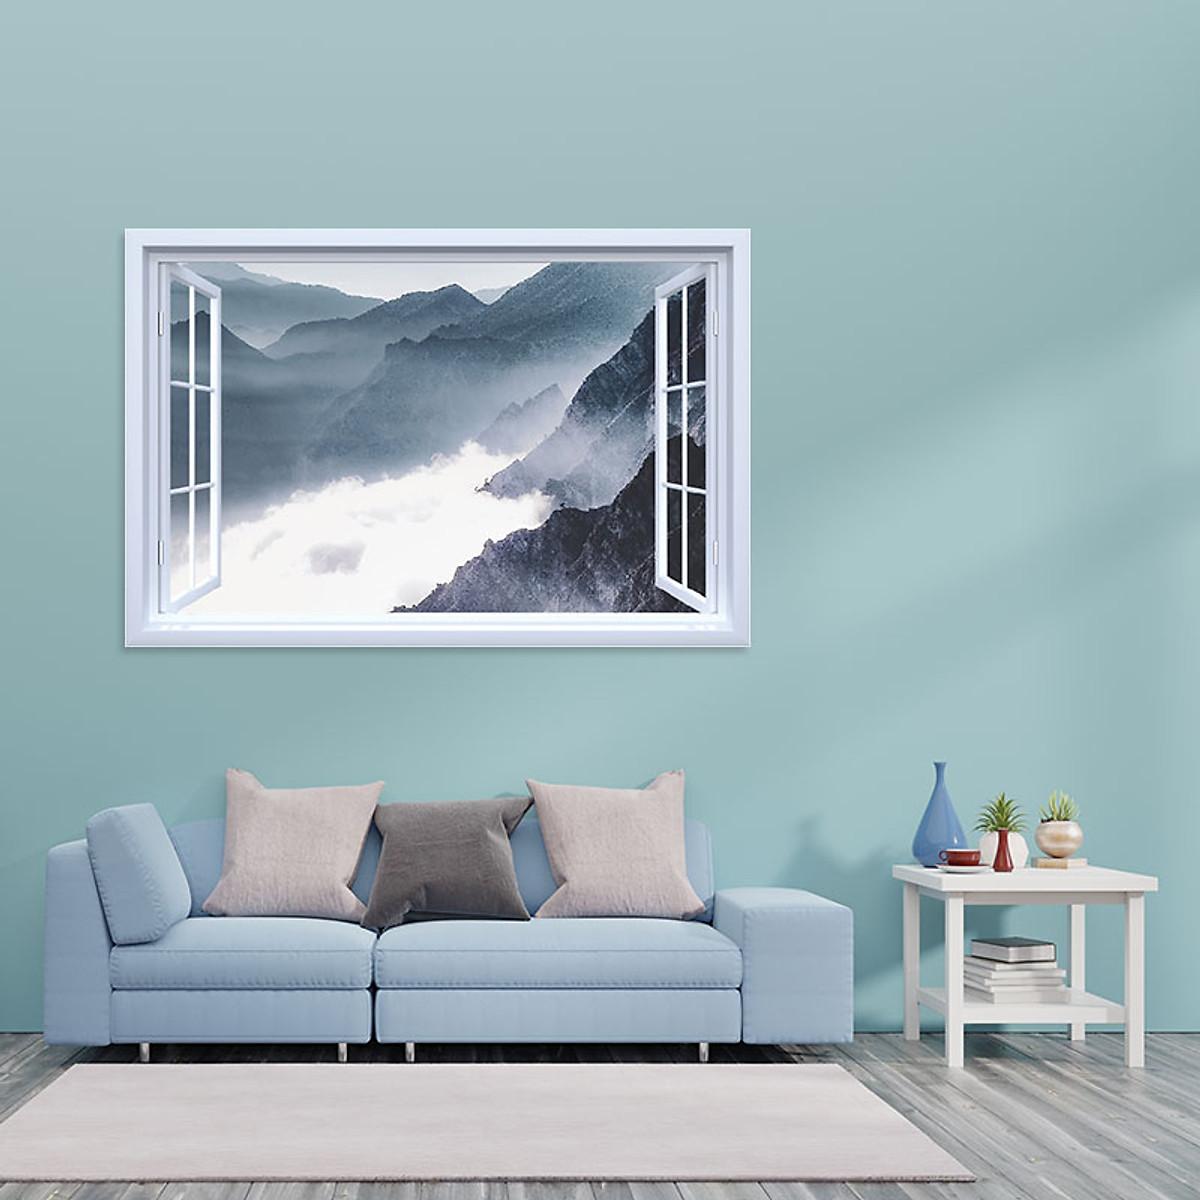 Decal cửa sổ Mây và núi tuyết WD129 | Decal dán tường PVC cao cấp - 2